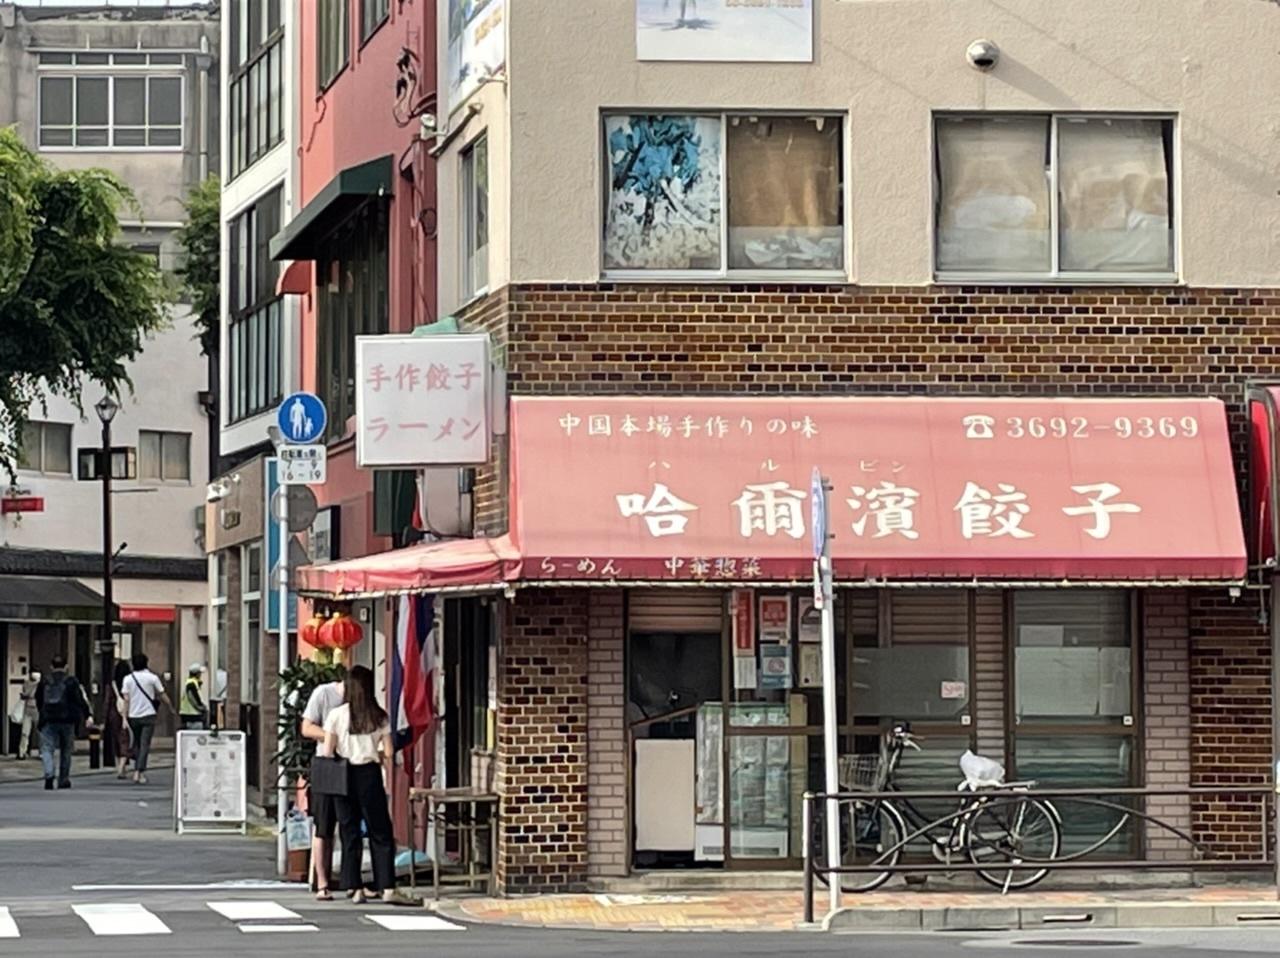 6月6日 堀切菖蒲園 哈爾濱餃子_a0317236_07092094.jpeg